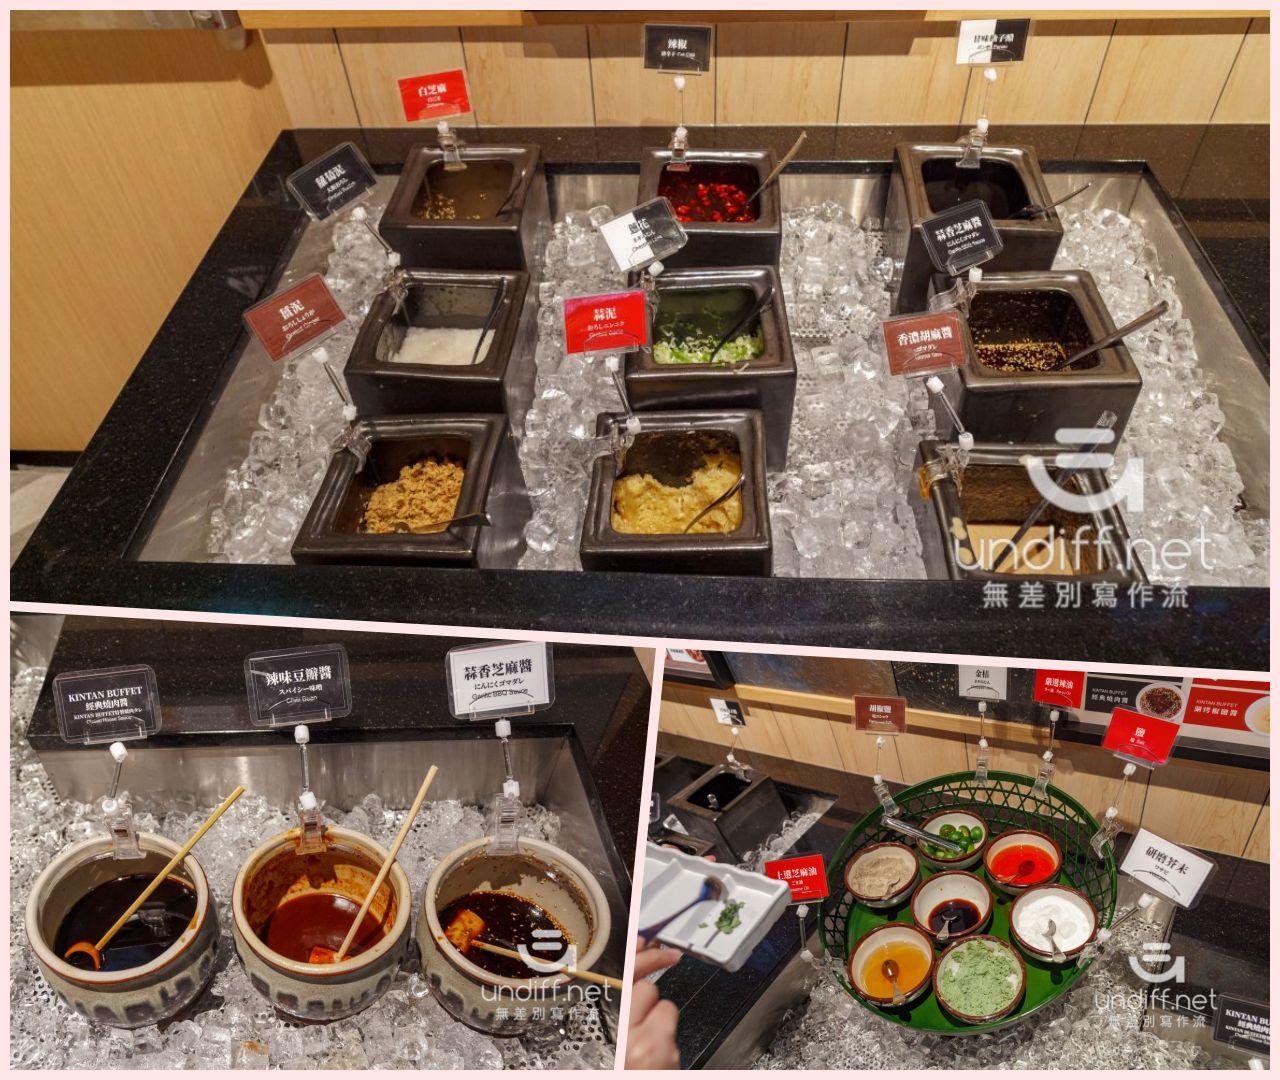 【台北美食】KINTAN BUFFET 燒肉 ATT 4 Recharge 》自助吧才是本體的吃到飽燒肉 74